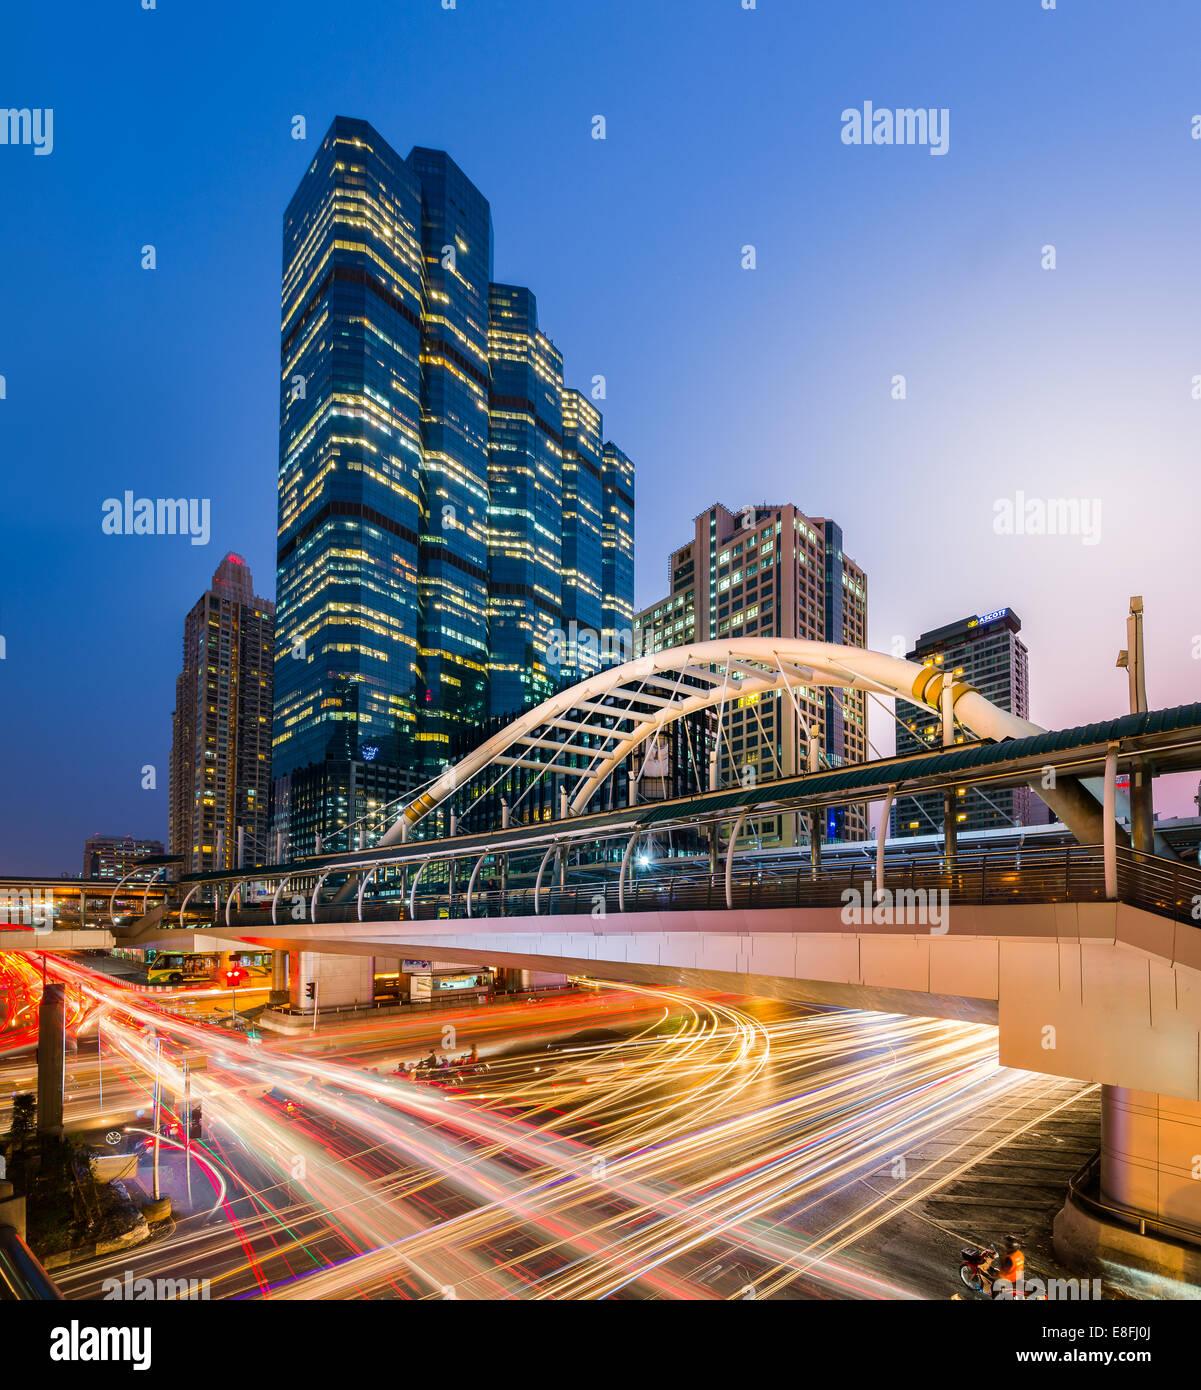 Thailand, Bangkok, Bang Rak District, View of Chong Nonsi BTS Station at night - Stock Image